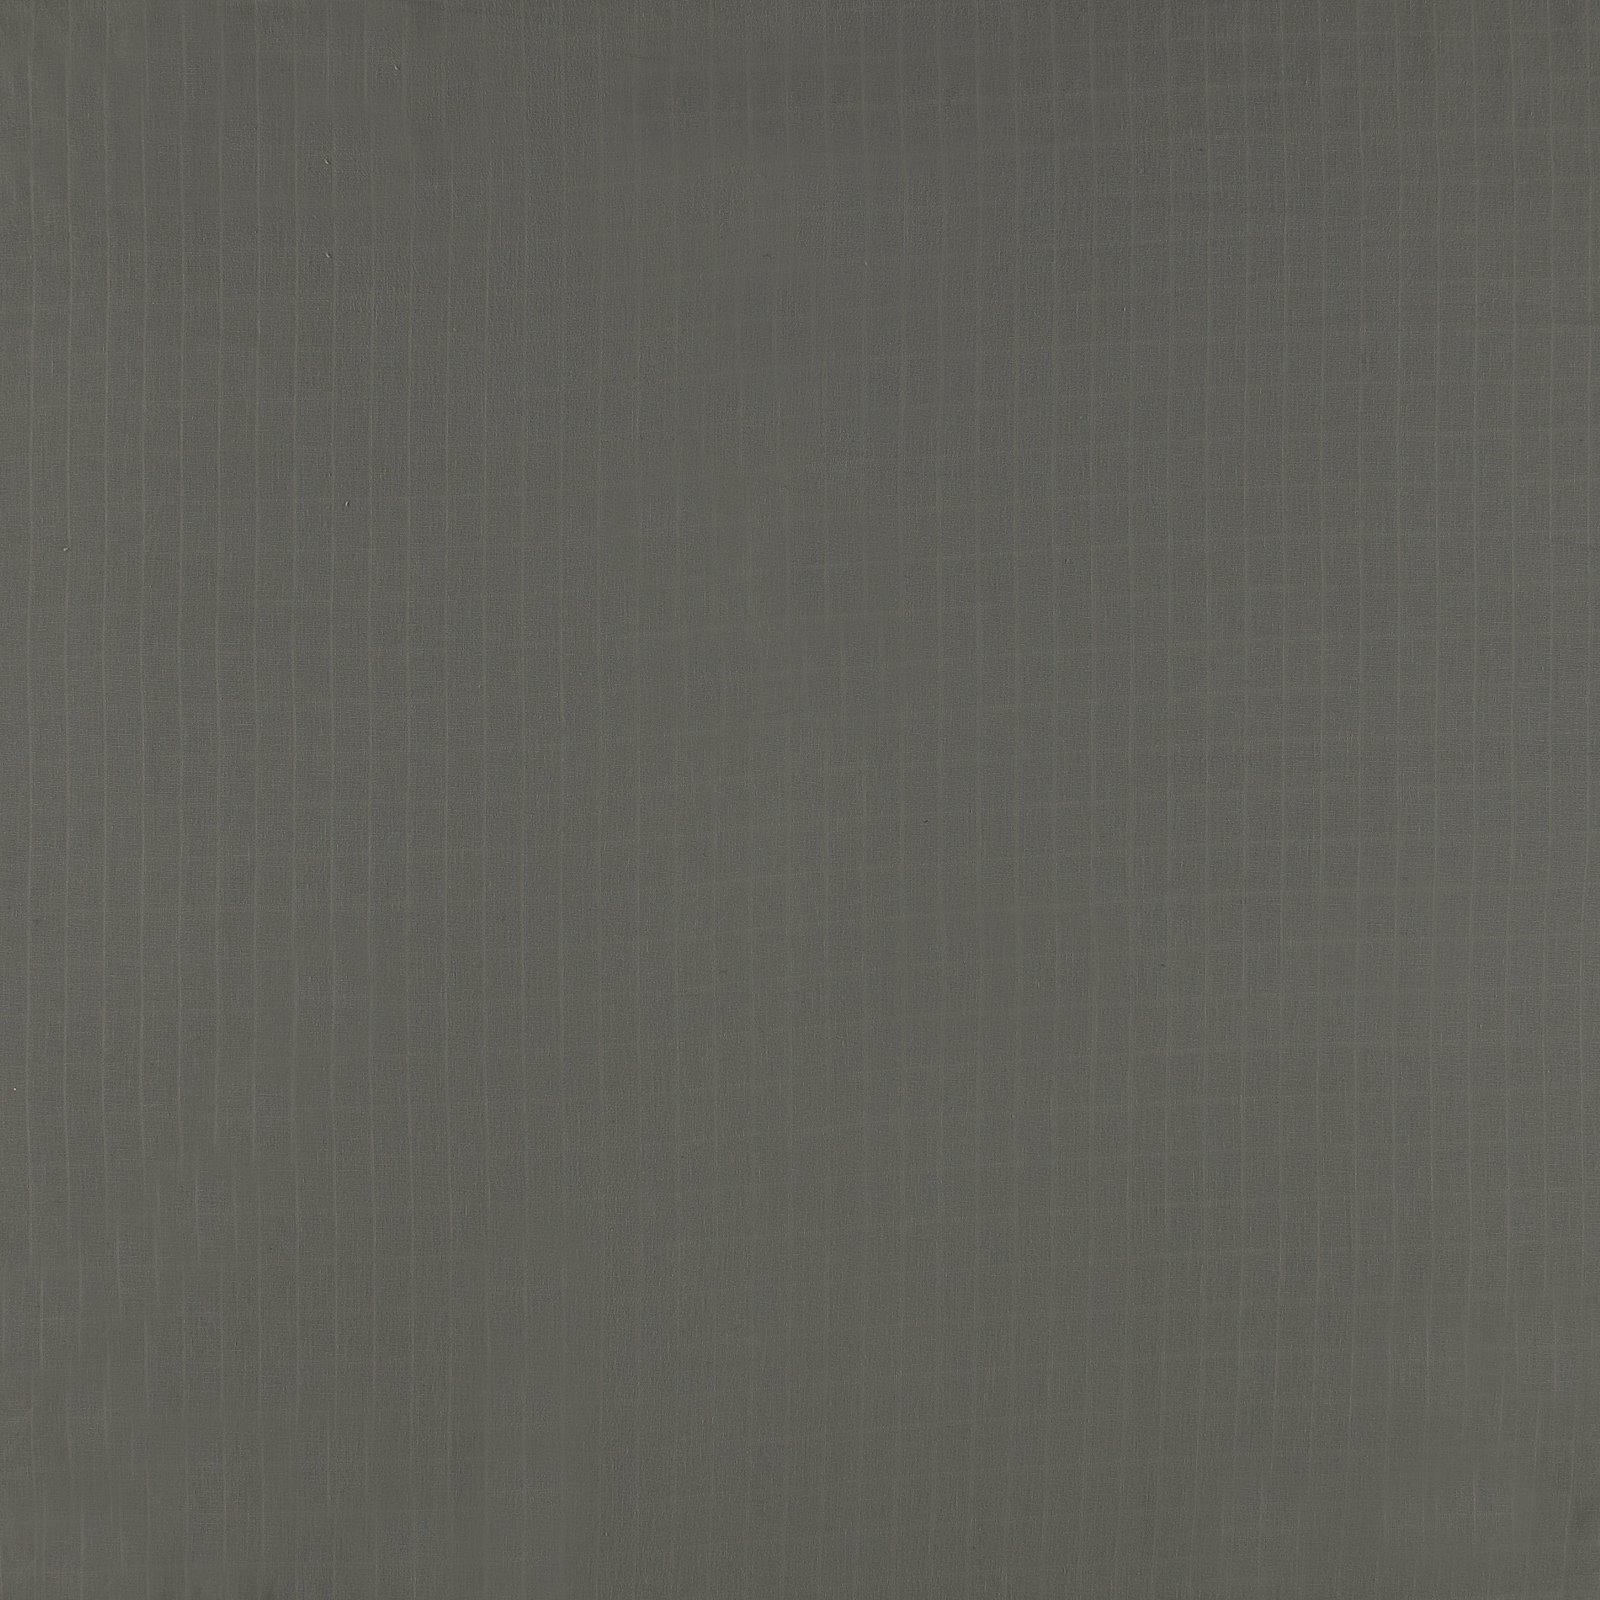 Muslin grey 501621_pack_solid